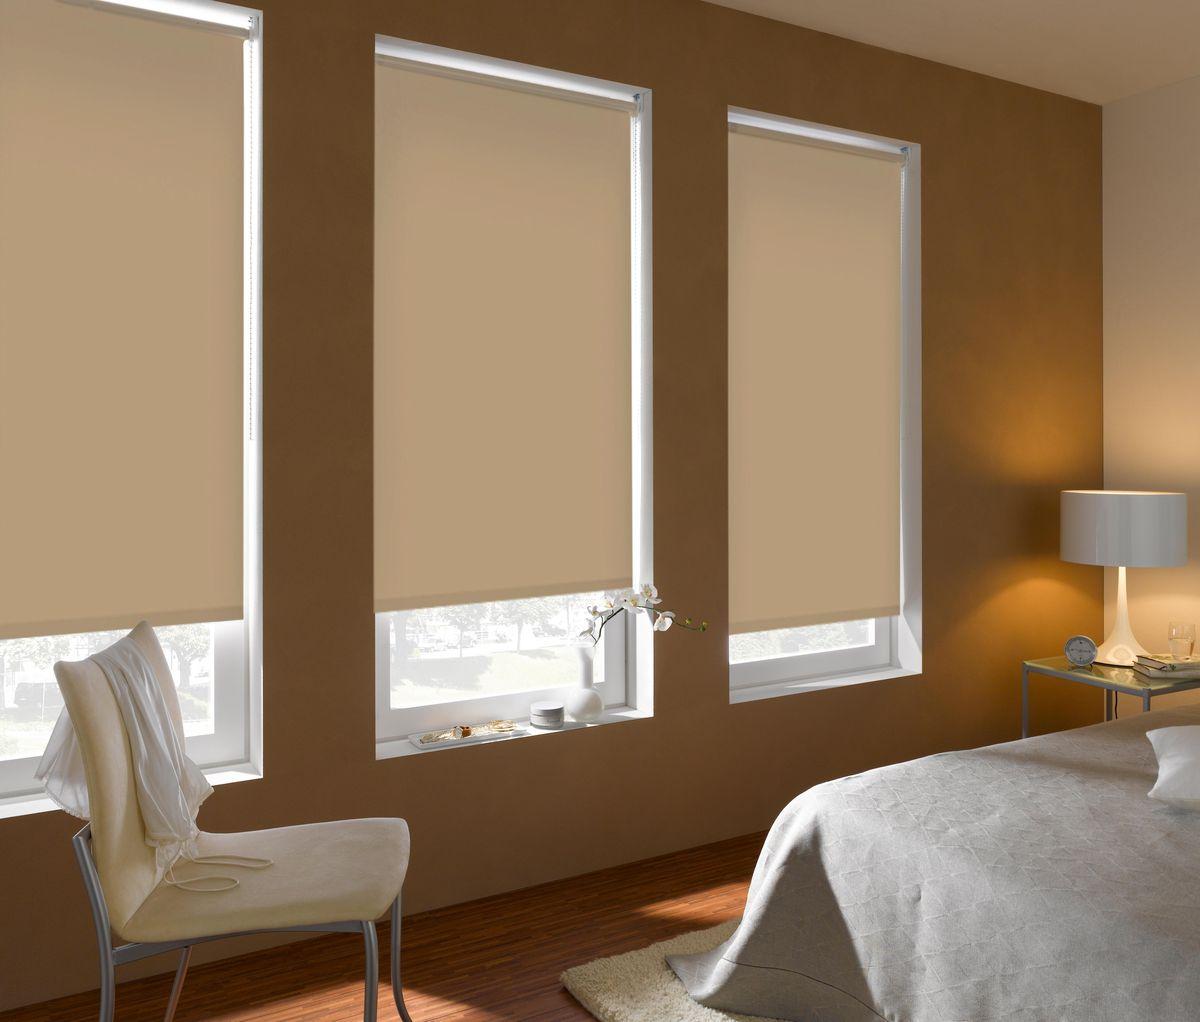 Штора рулонная Эскар, светонепроницаемая, цвет: бежевый, ширина 172 см, высота 170 см84009172170Рулонными шторами можно оформлять окна как самостоятельно, так и использовать в комбинации с портьерами. Это поможет предотвратить выгорание дорогой ткани на солнце и соединит функционал рулонных с красотой навесных. Преимущества применения рулонных штор для пластиковых окон: - имеют прекрасный внешний вид: многообразие и фактурность материала изделия отлично смотрятся в любом интерьере; - многофункциональны: есть возможность подобрать шторы способные эффективно защитить комнату от солнца, при этом она не будет слишком темной. - Есть возможность осуществить быстрый монтаж. ВНИМАНИЕ! Размеры ширины изделия указаны по ширине ткани! Во время эксплуатации не рекомендуется полностью разматывать рулон, чтобы не оторвать ткань от намоточного вала. В случае загрязнения поверхности ткани, чистку шторы проводят одним из способов, в зависимости от типа загрязнения: легкое поверхностное загрязнение можно удалить при помощи канцелярского ластика; чистка от пыли производится сухим методом при...